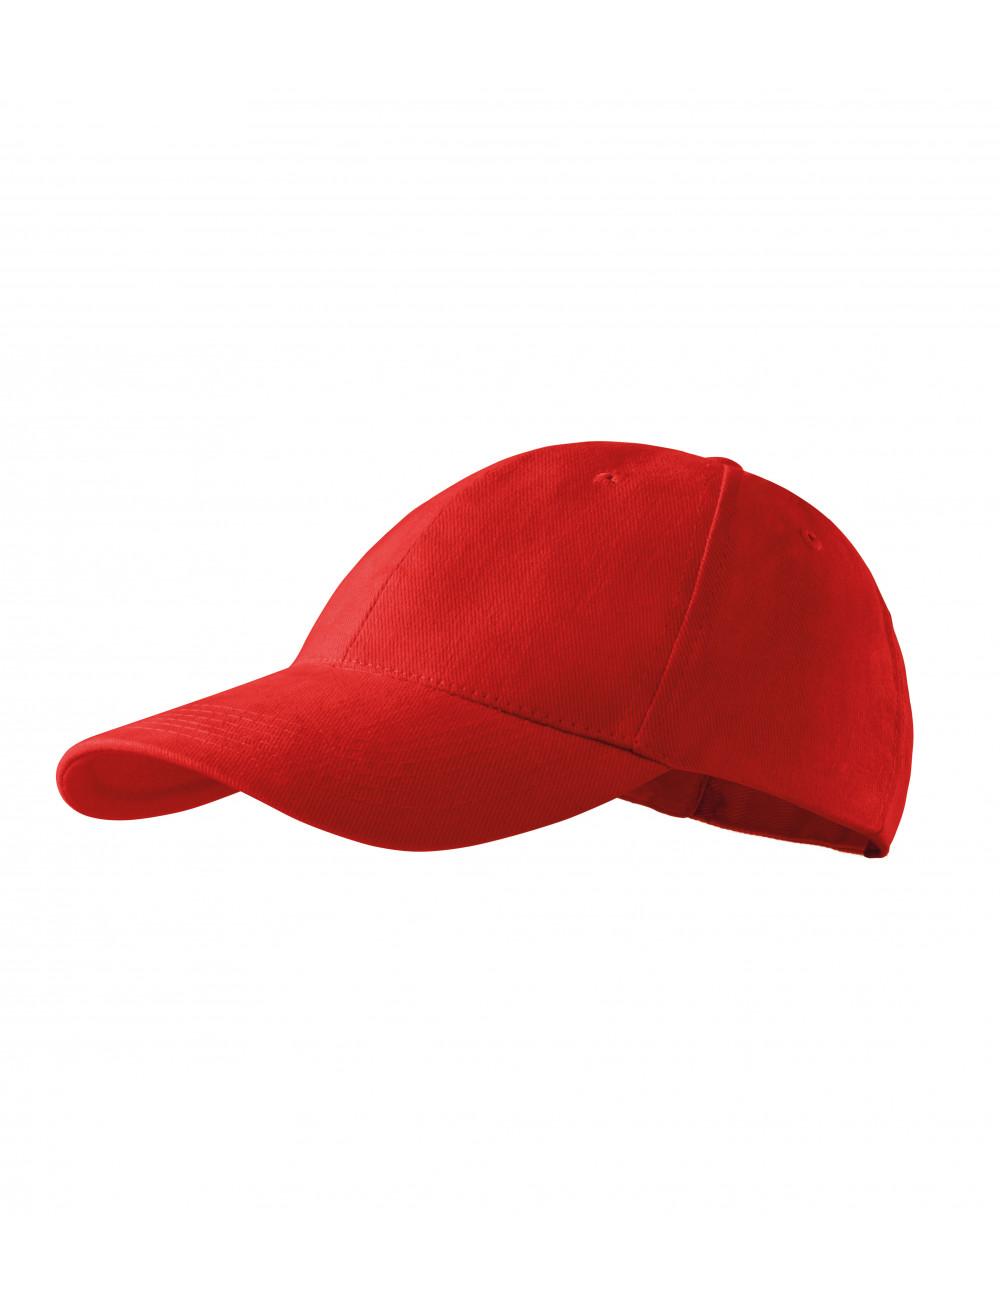 Adler MALFINI Czapka unisex 6P 305 czerwony